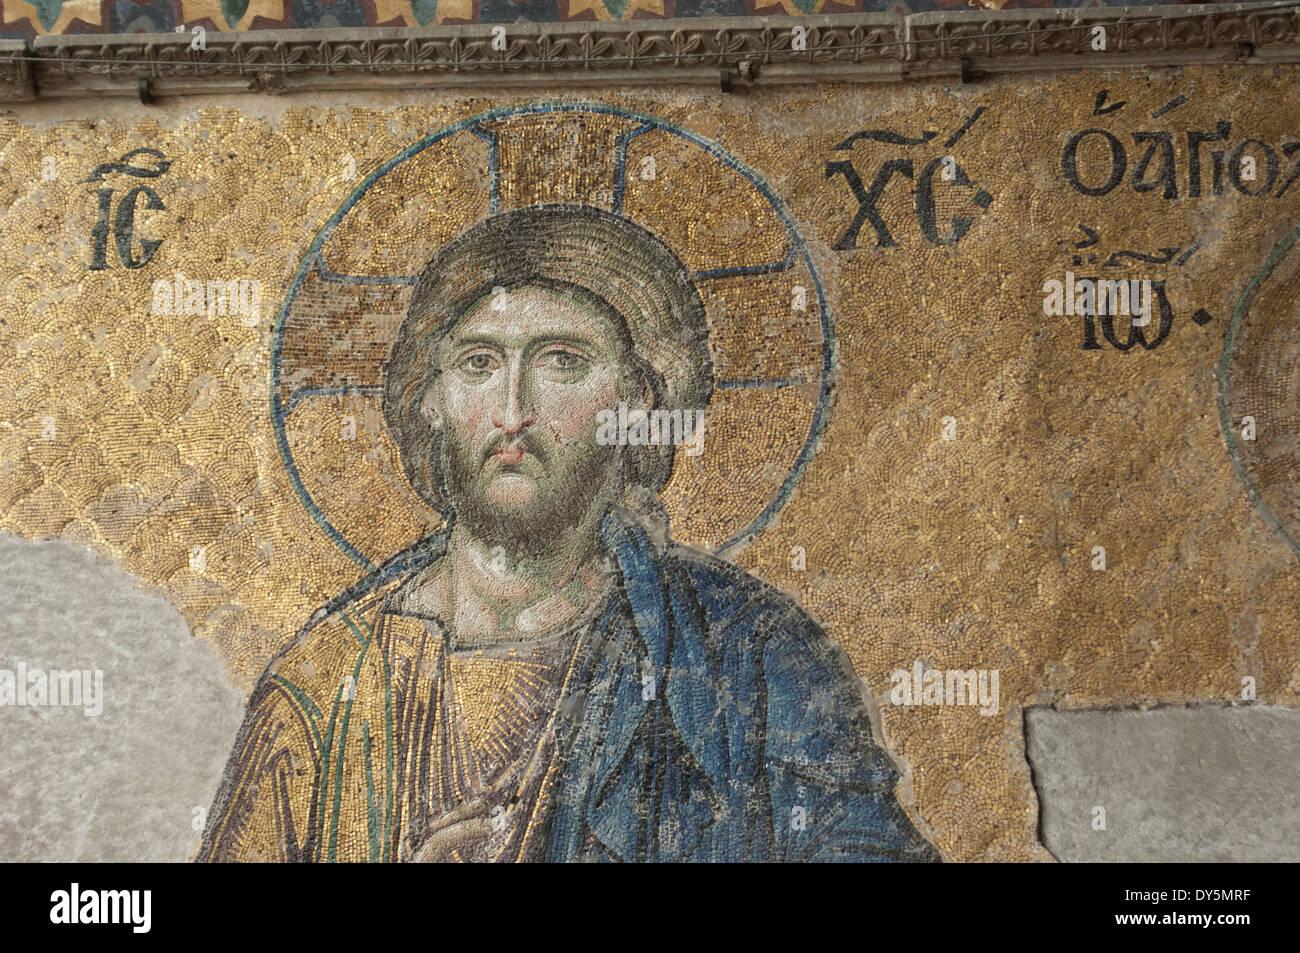 Mosaïque byzantine de Jésus dans la basilique Sainte-Sophie, Istanbul. Photo Stock